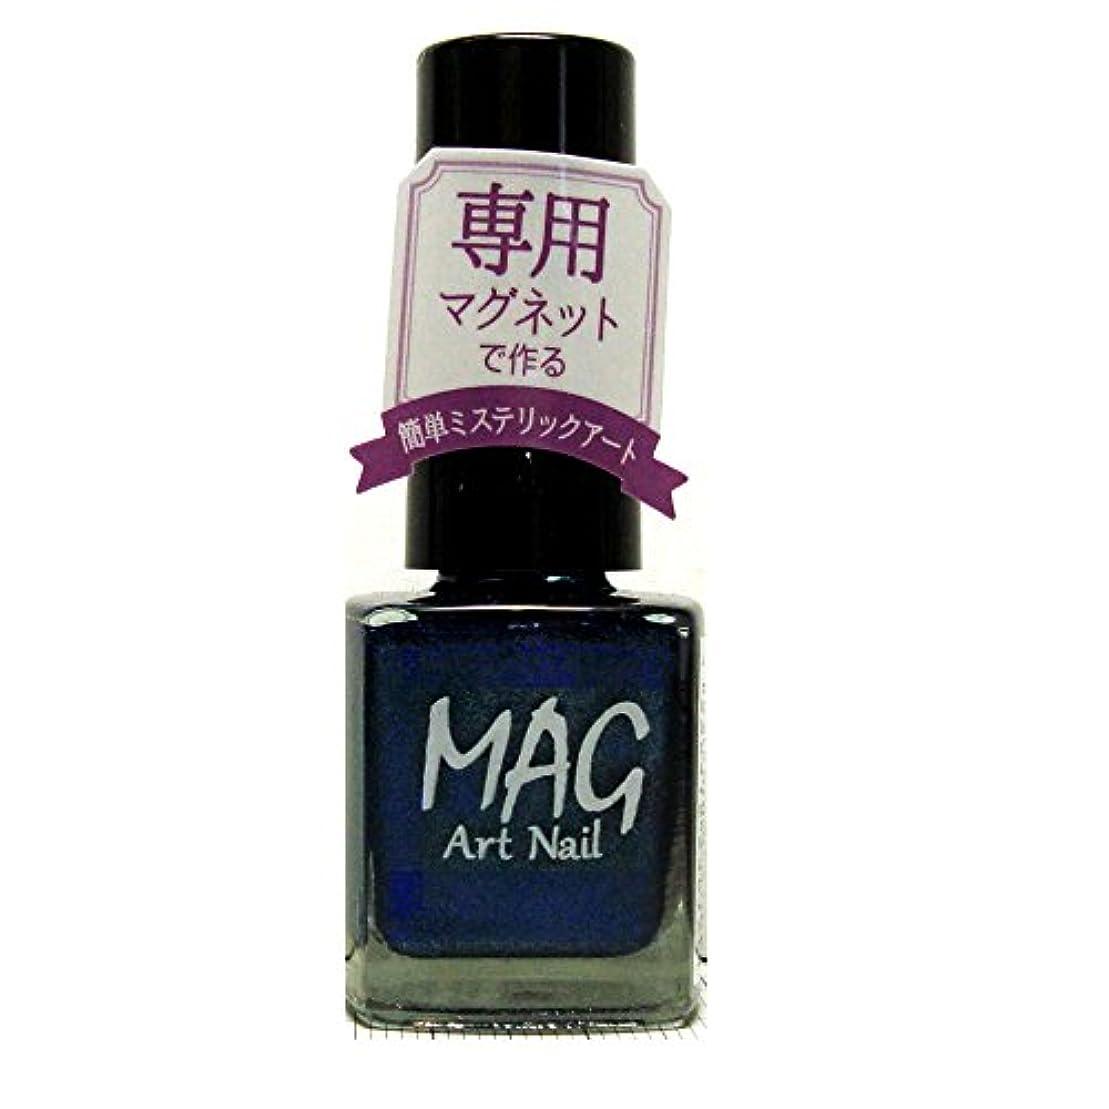 正当化するバインド弾丸TMマグアートネイル(爪化粧料) TMMA1605 ナイトブルー